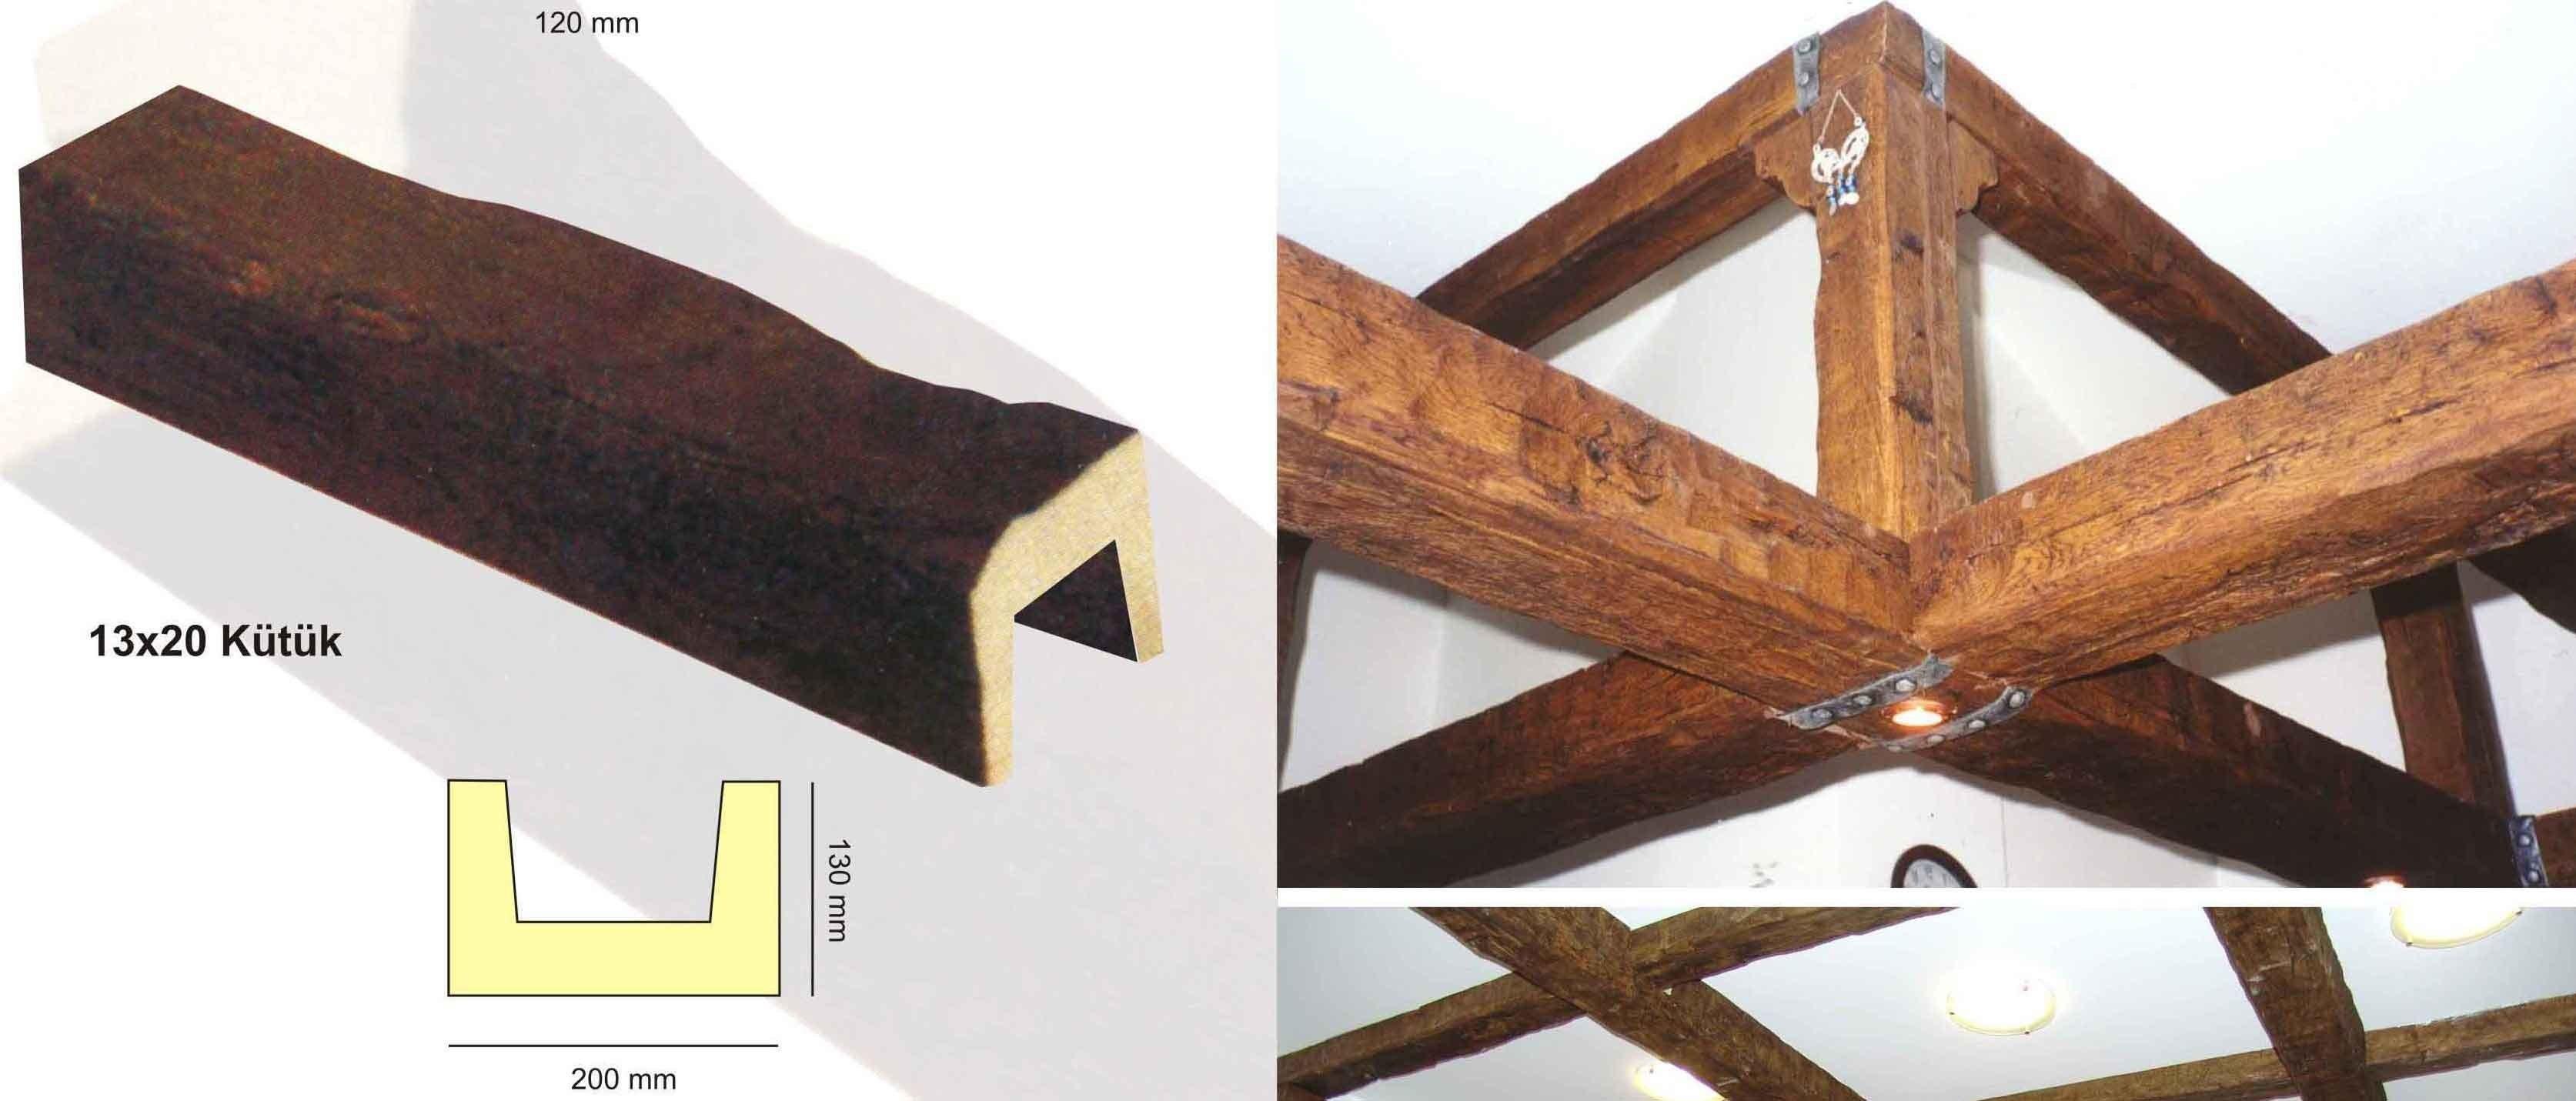 Vigas de poliuretano molduras identificaci n del producto - Vigas decorativas de poliuretano ...